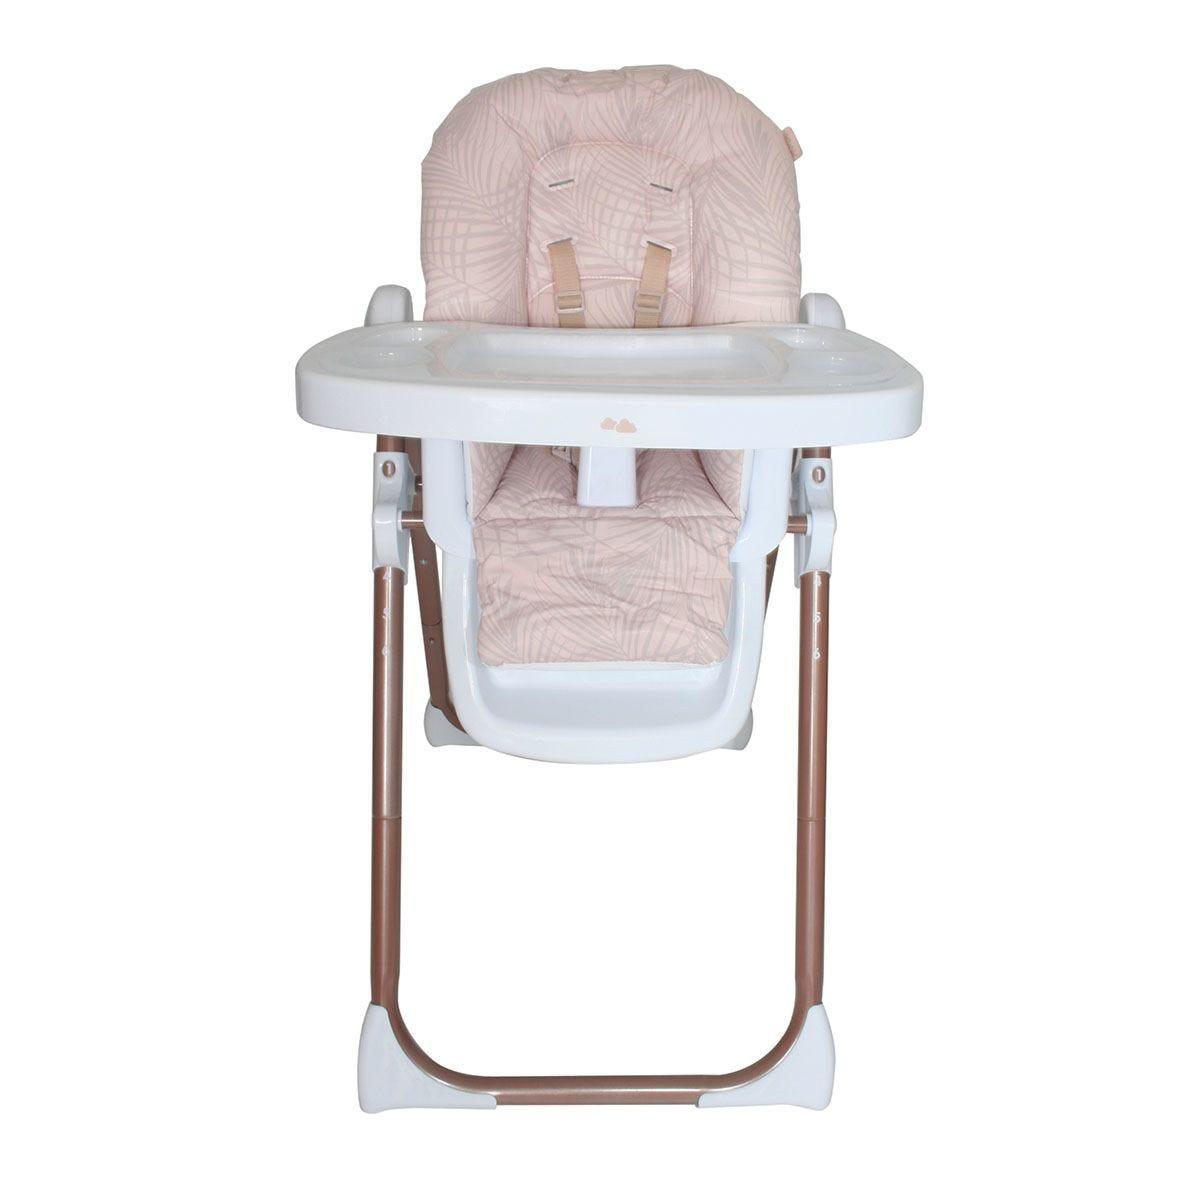 My Babiie Samantha Faiers Premium Highchair - Rose Gold Blush Tropical